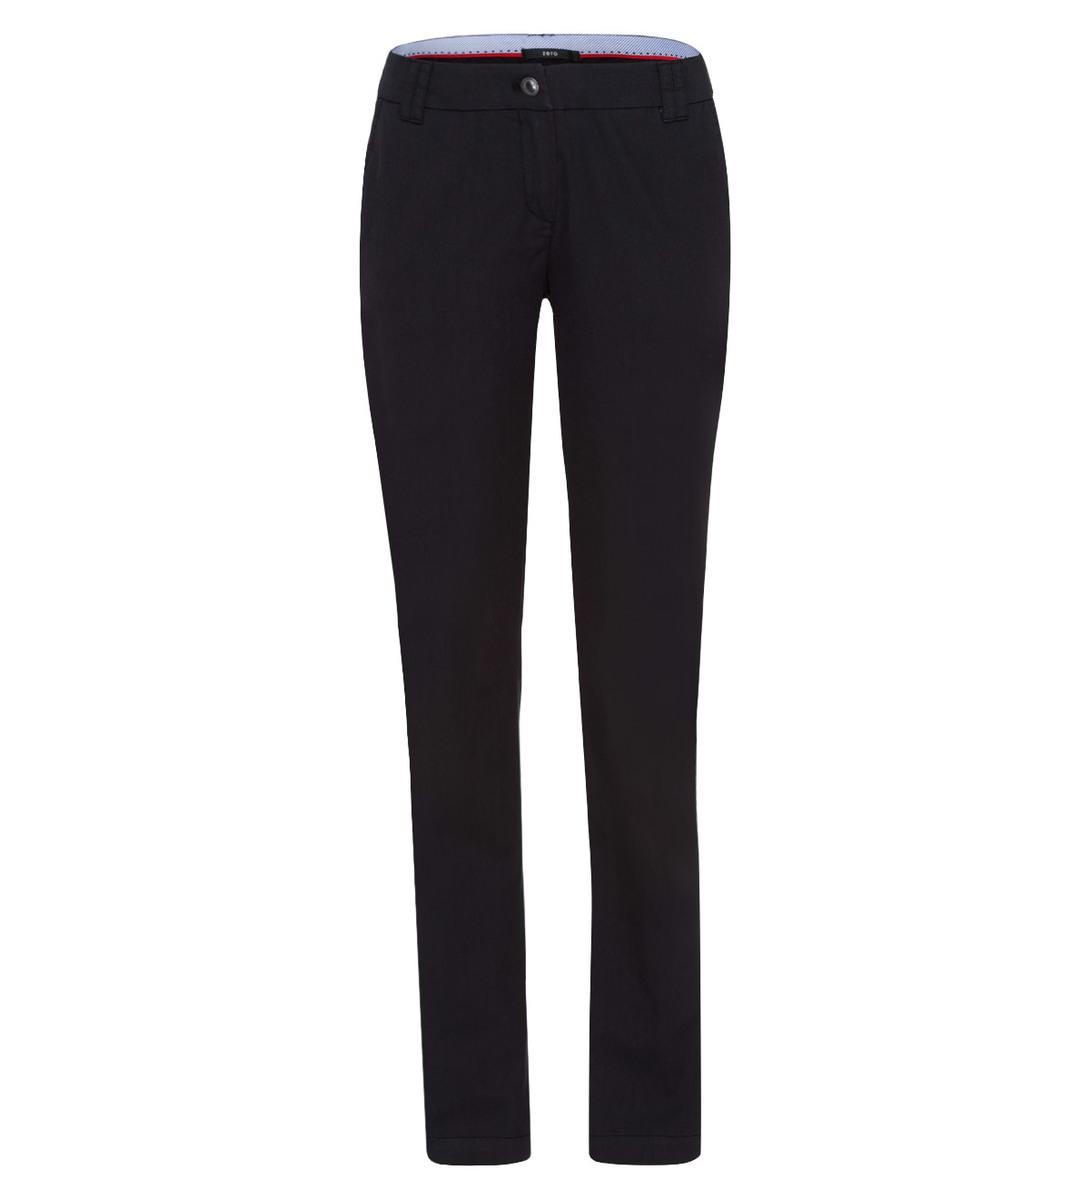 Hose in unifarbenem Design 32 Inch in black